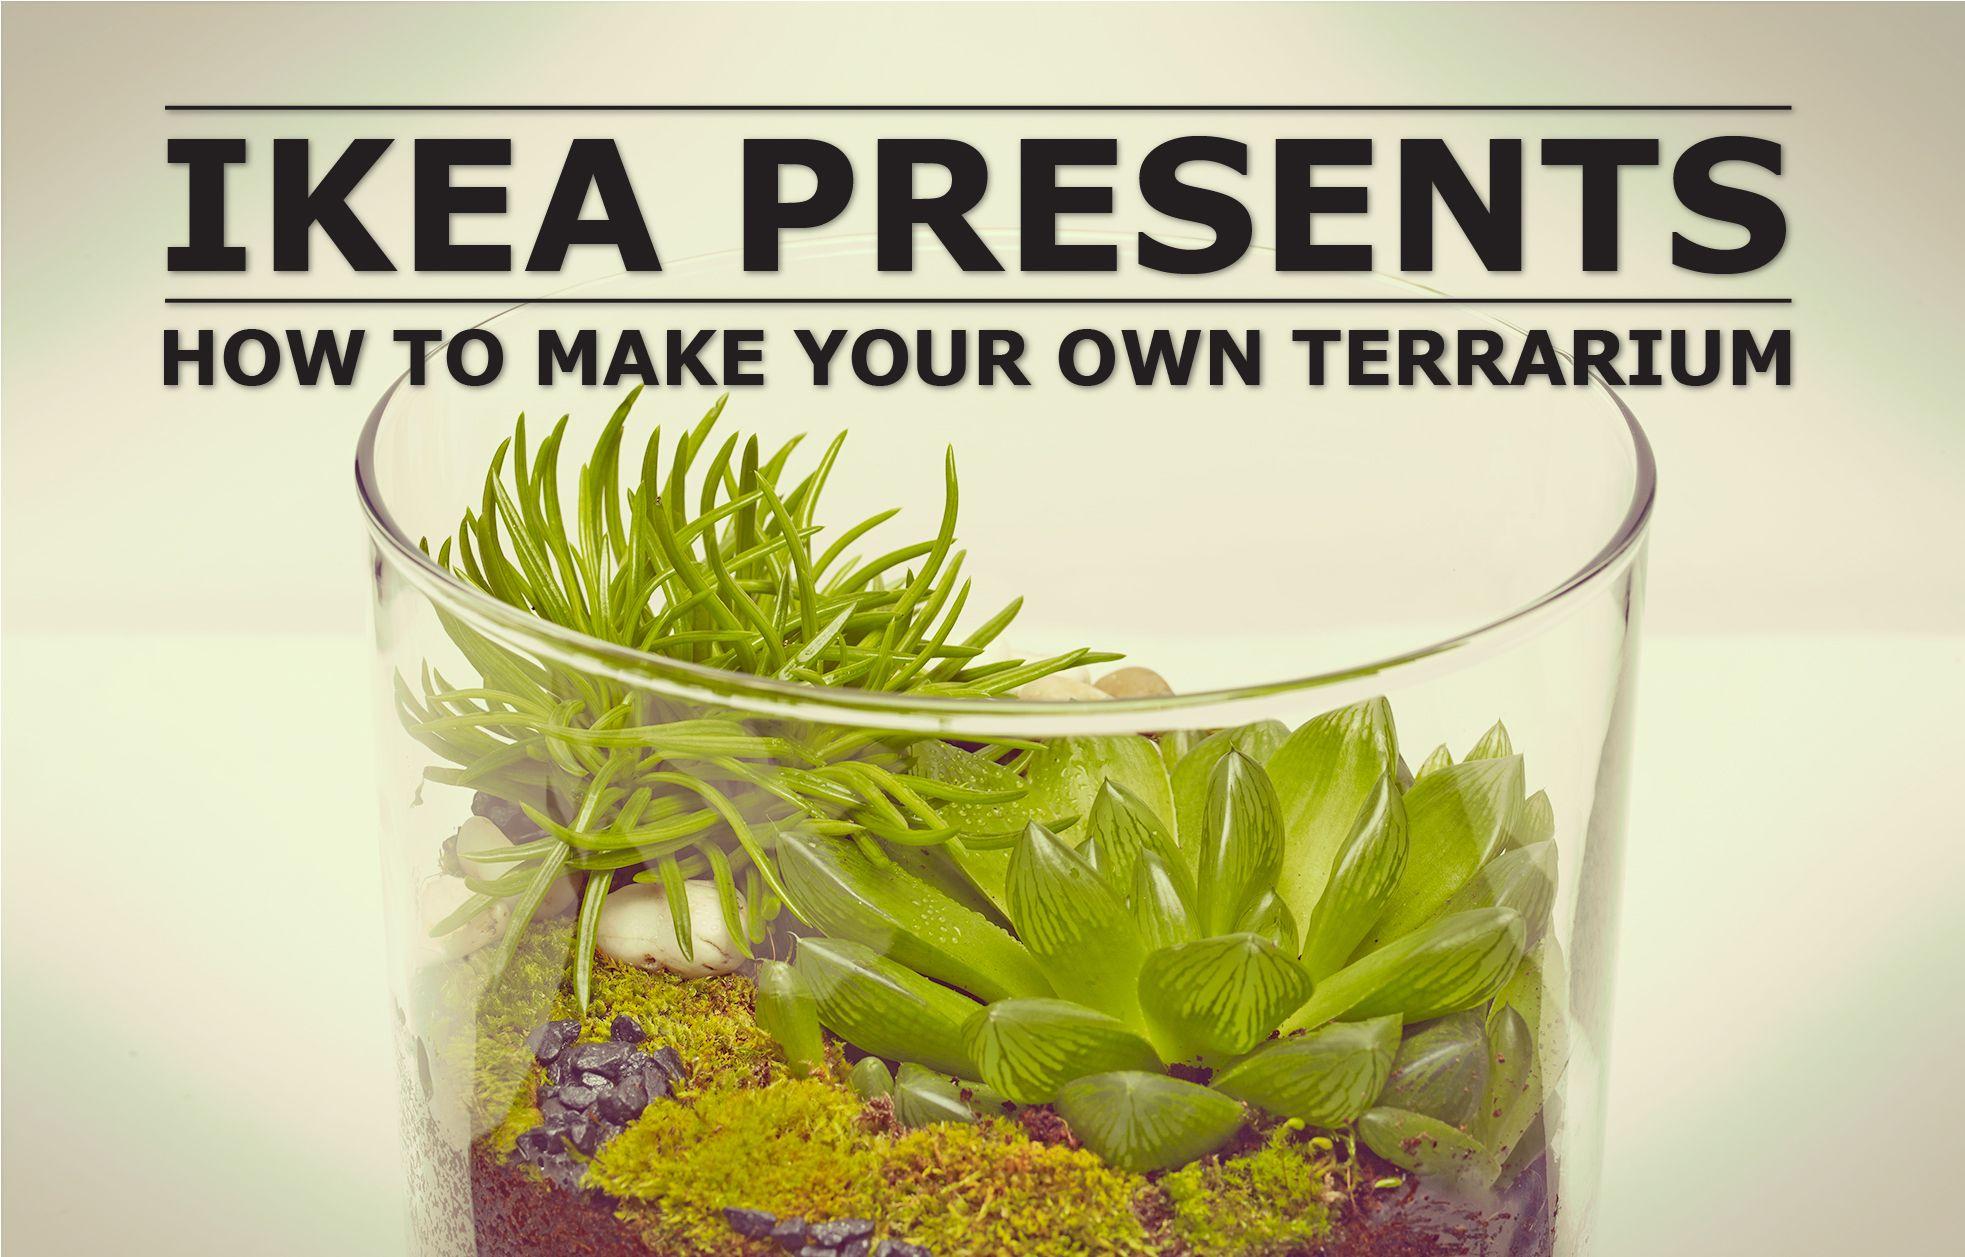 die besten 25 ikea presents ideen auf pinterest farm stil k chensp len ikea gestell und. Black Bedroom Furniture Sets. Home Design Ideas